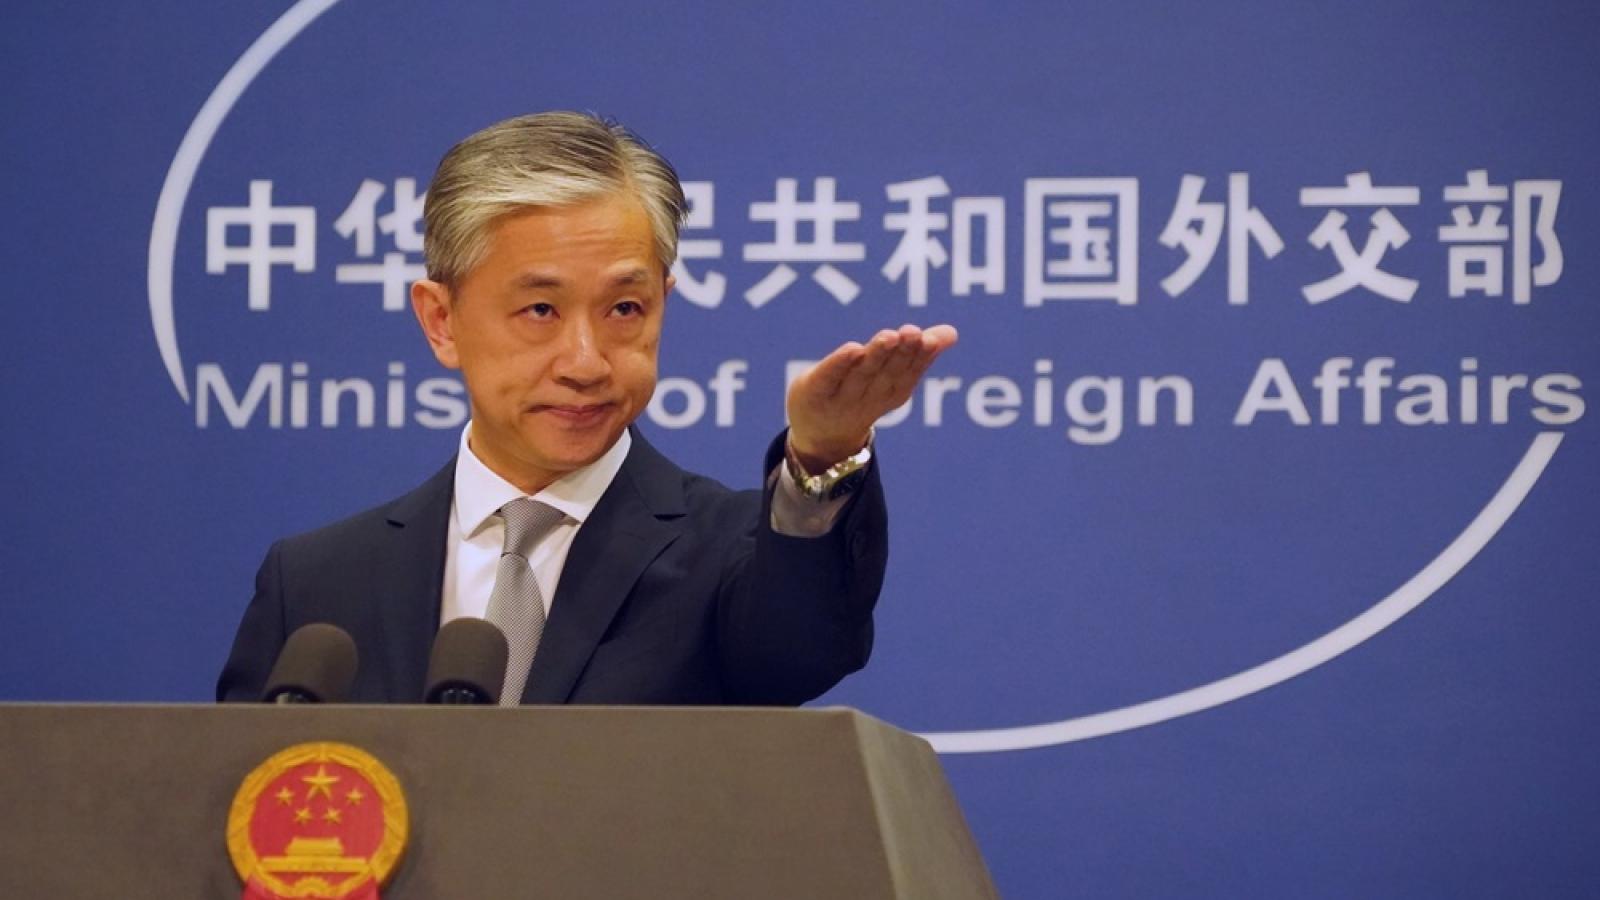 Trung Quốc phản ứng trước thông tin Mỹ tiếp tục cấm vận thêm 80 công ty Trung Quốc